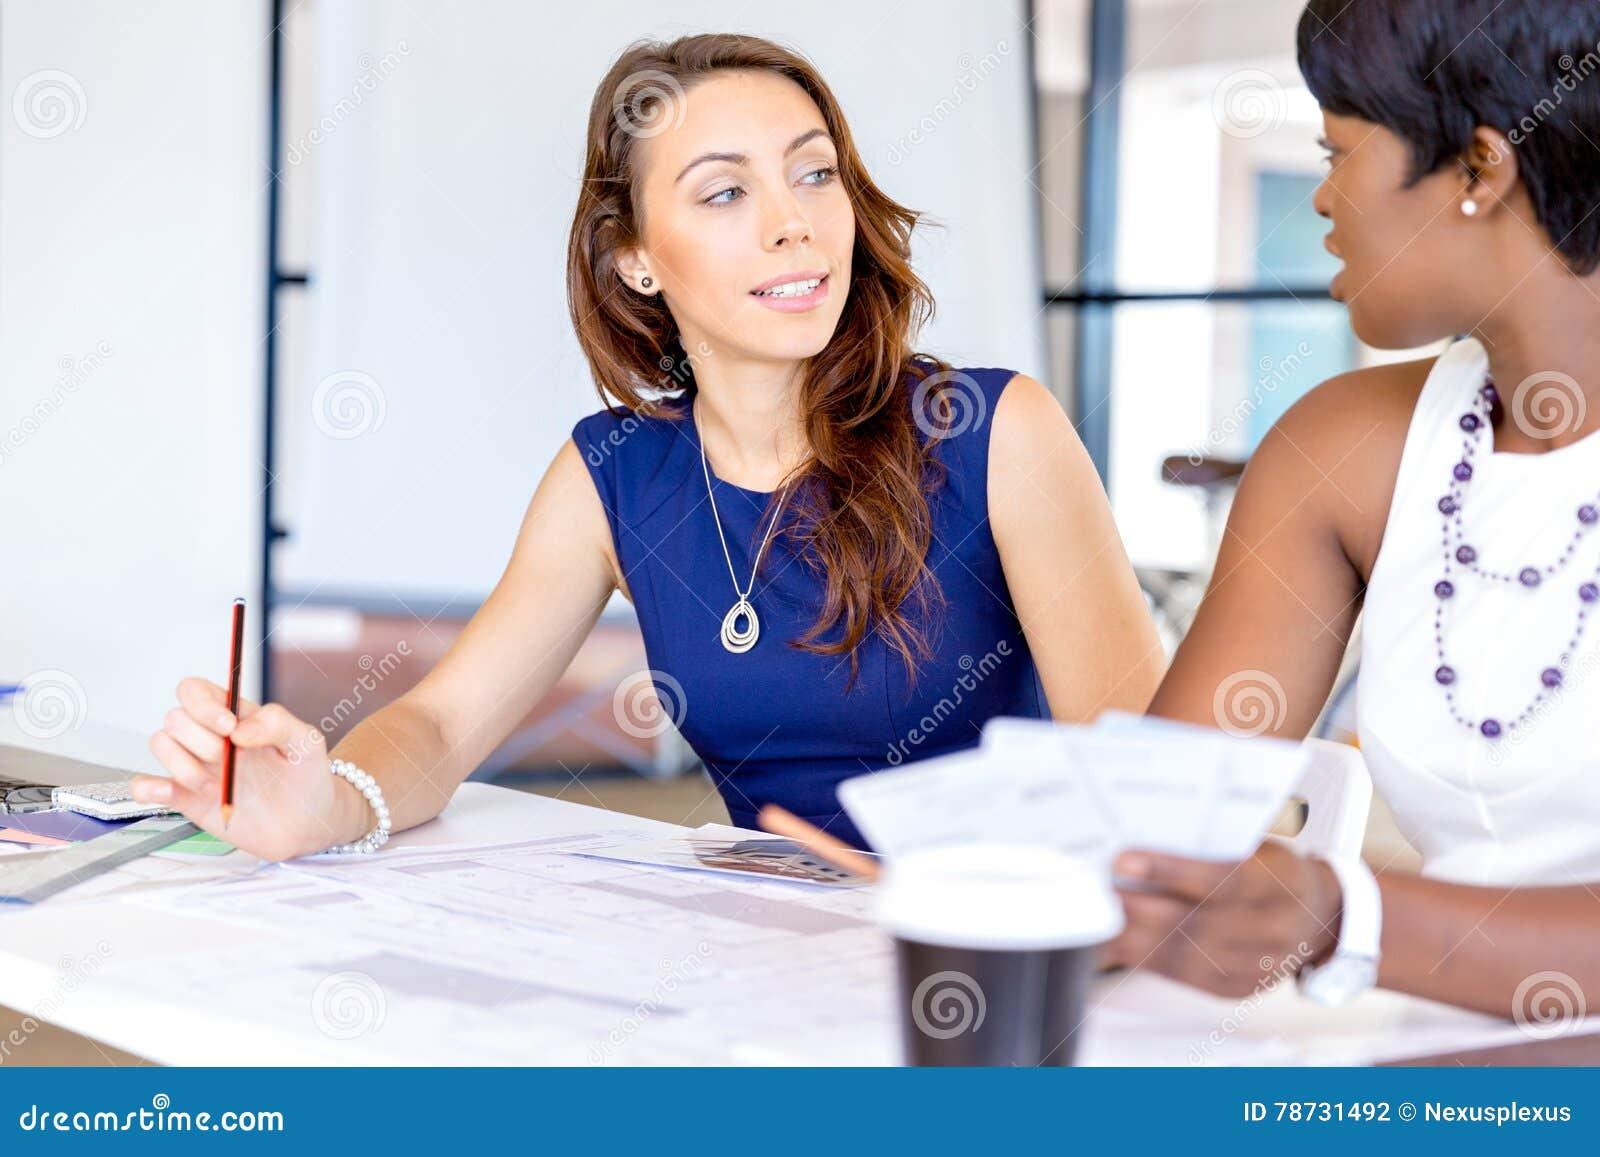 Unga kvinnor som sitter på ett skrivbord i ett kontor och ett arbete på ritning